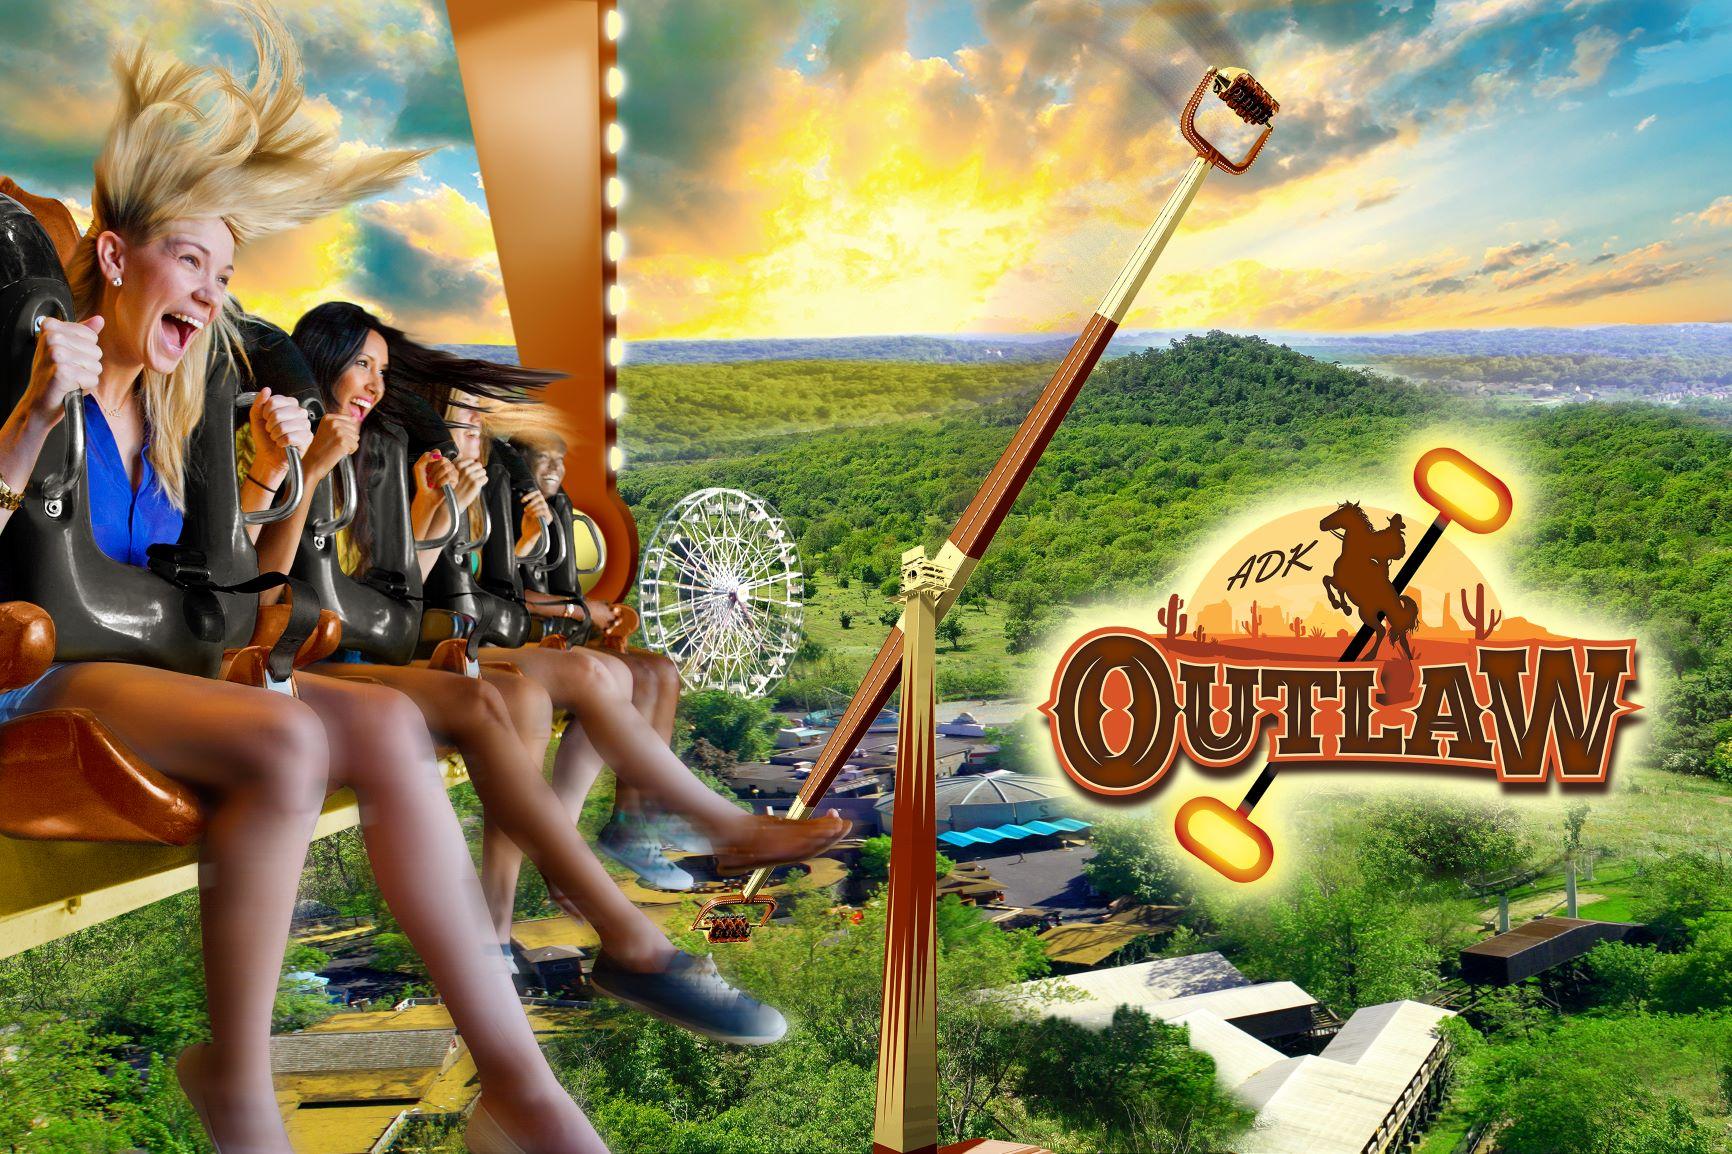 Great Escape Theme Park